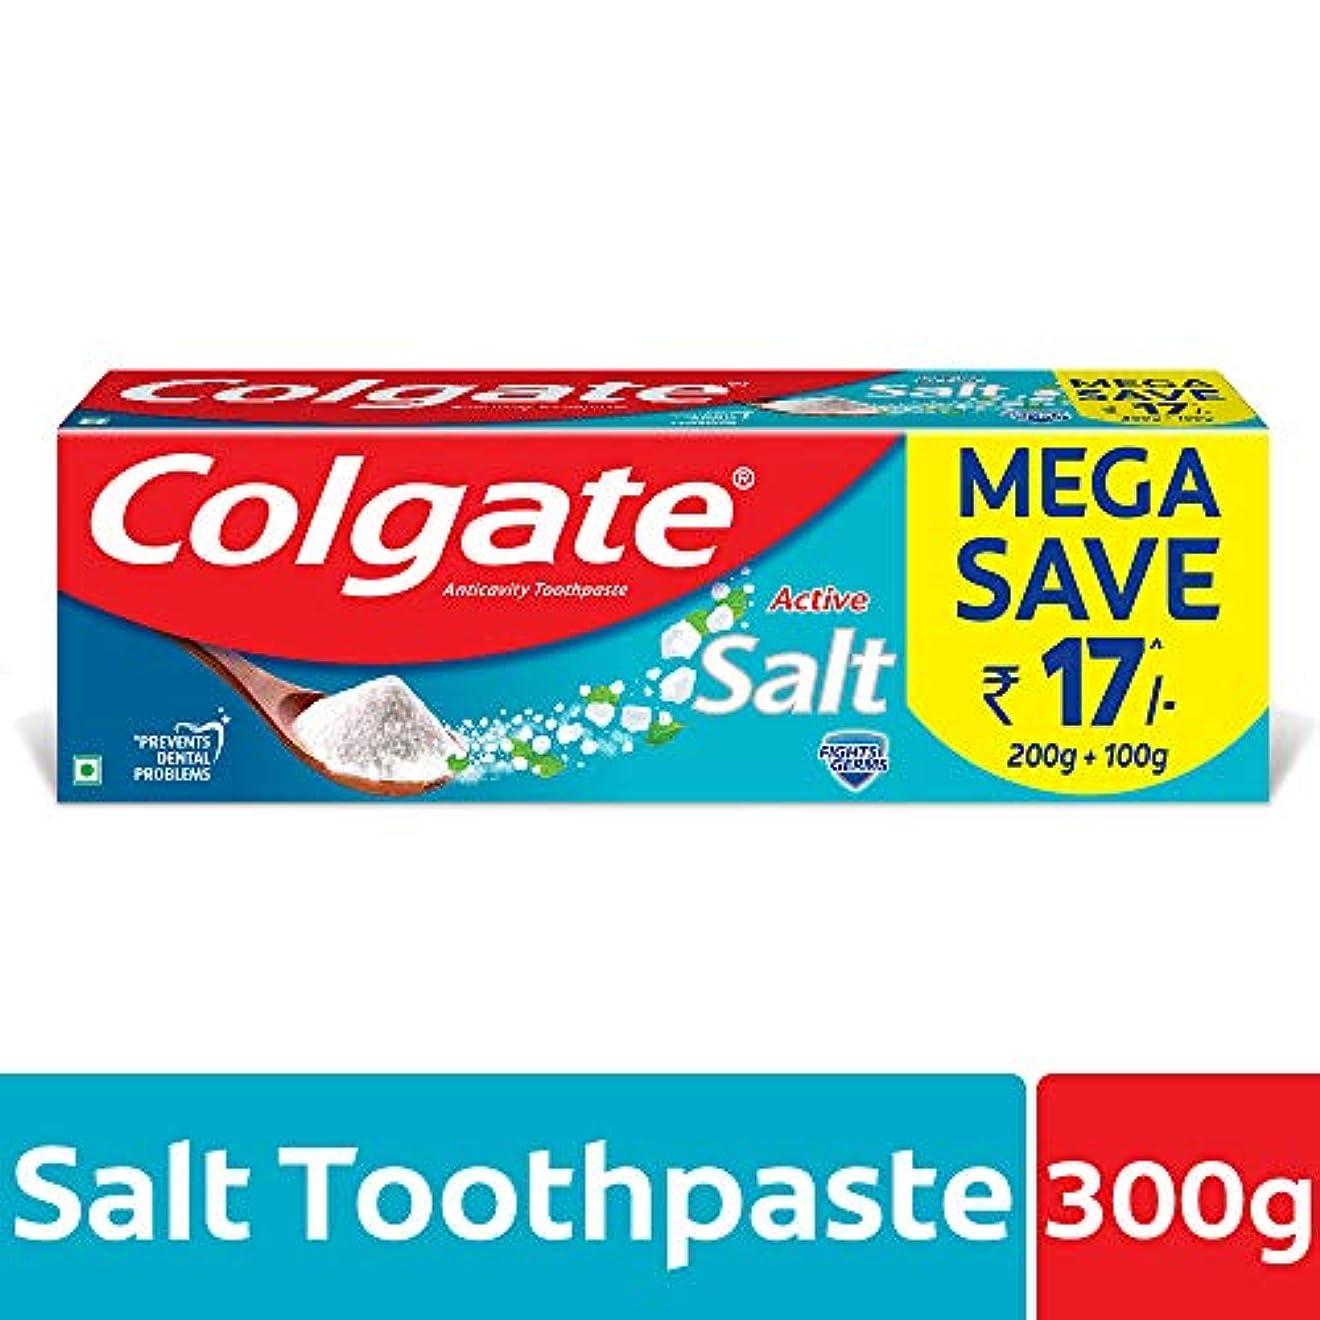 部ライム財産Colgate Active Salt Toothpaste, 300gm(200gm + 100gm)